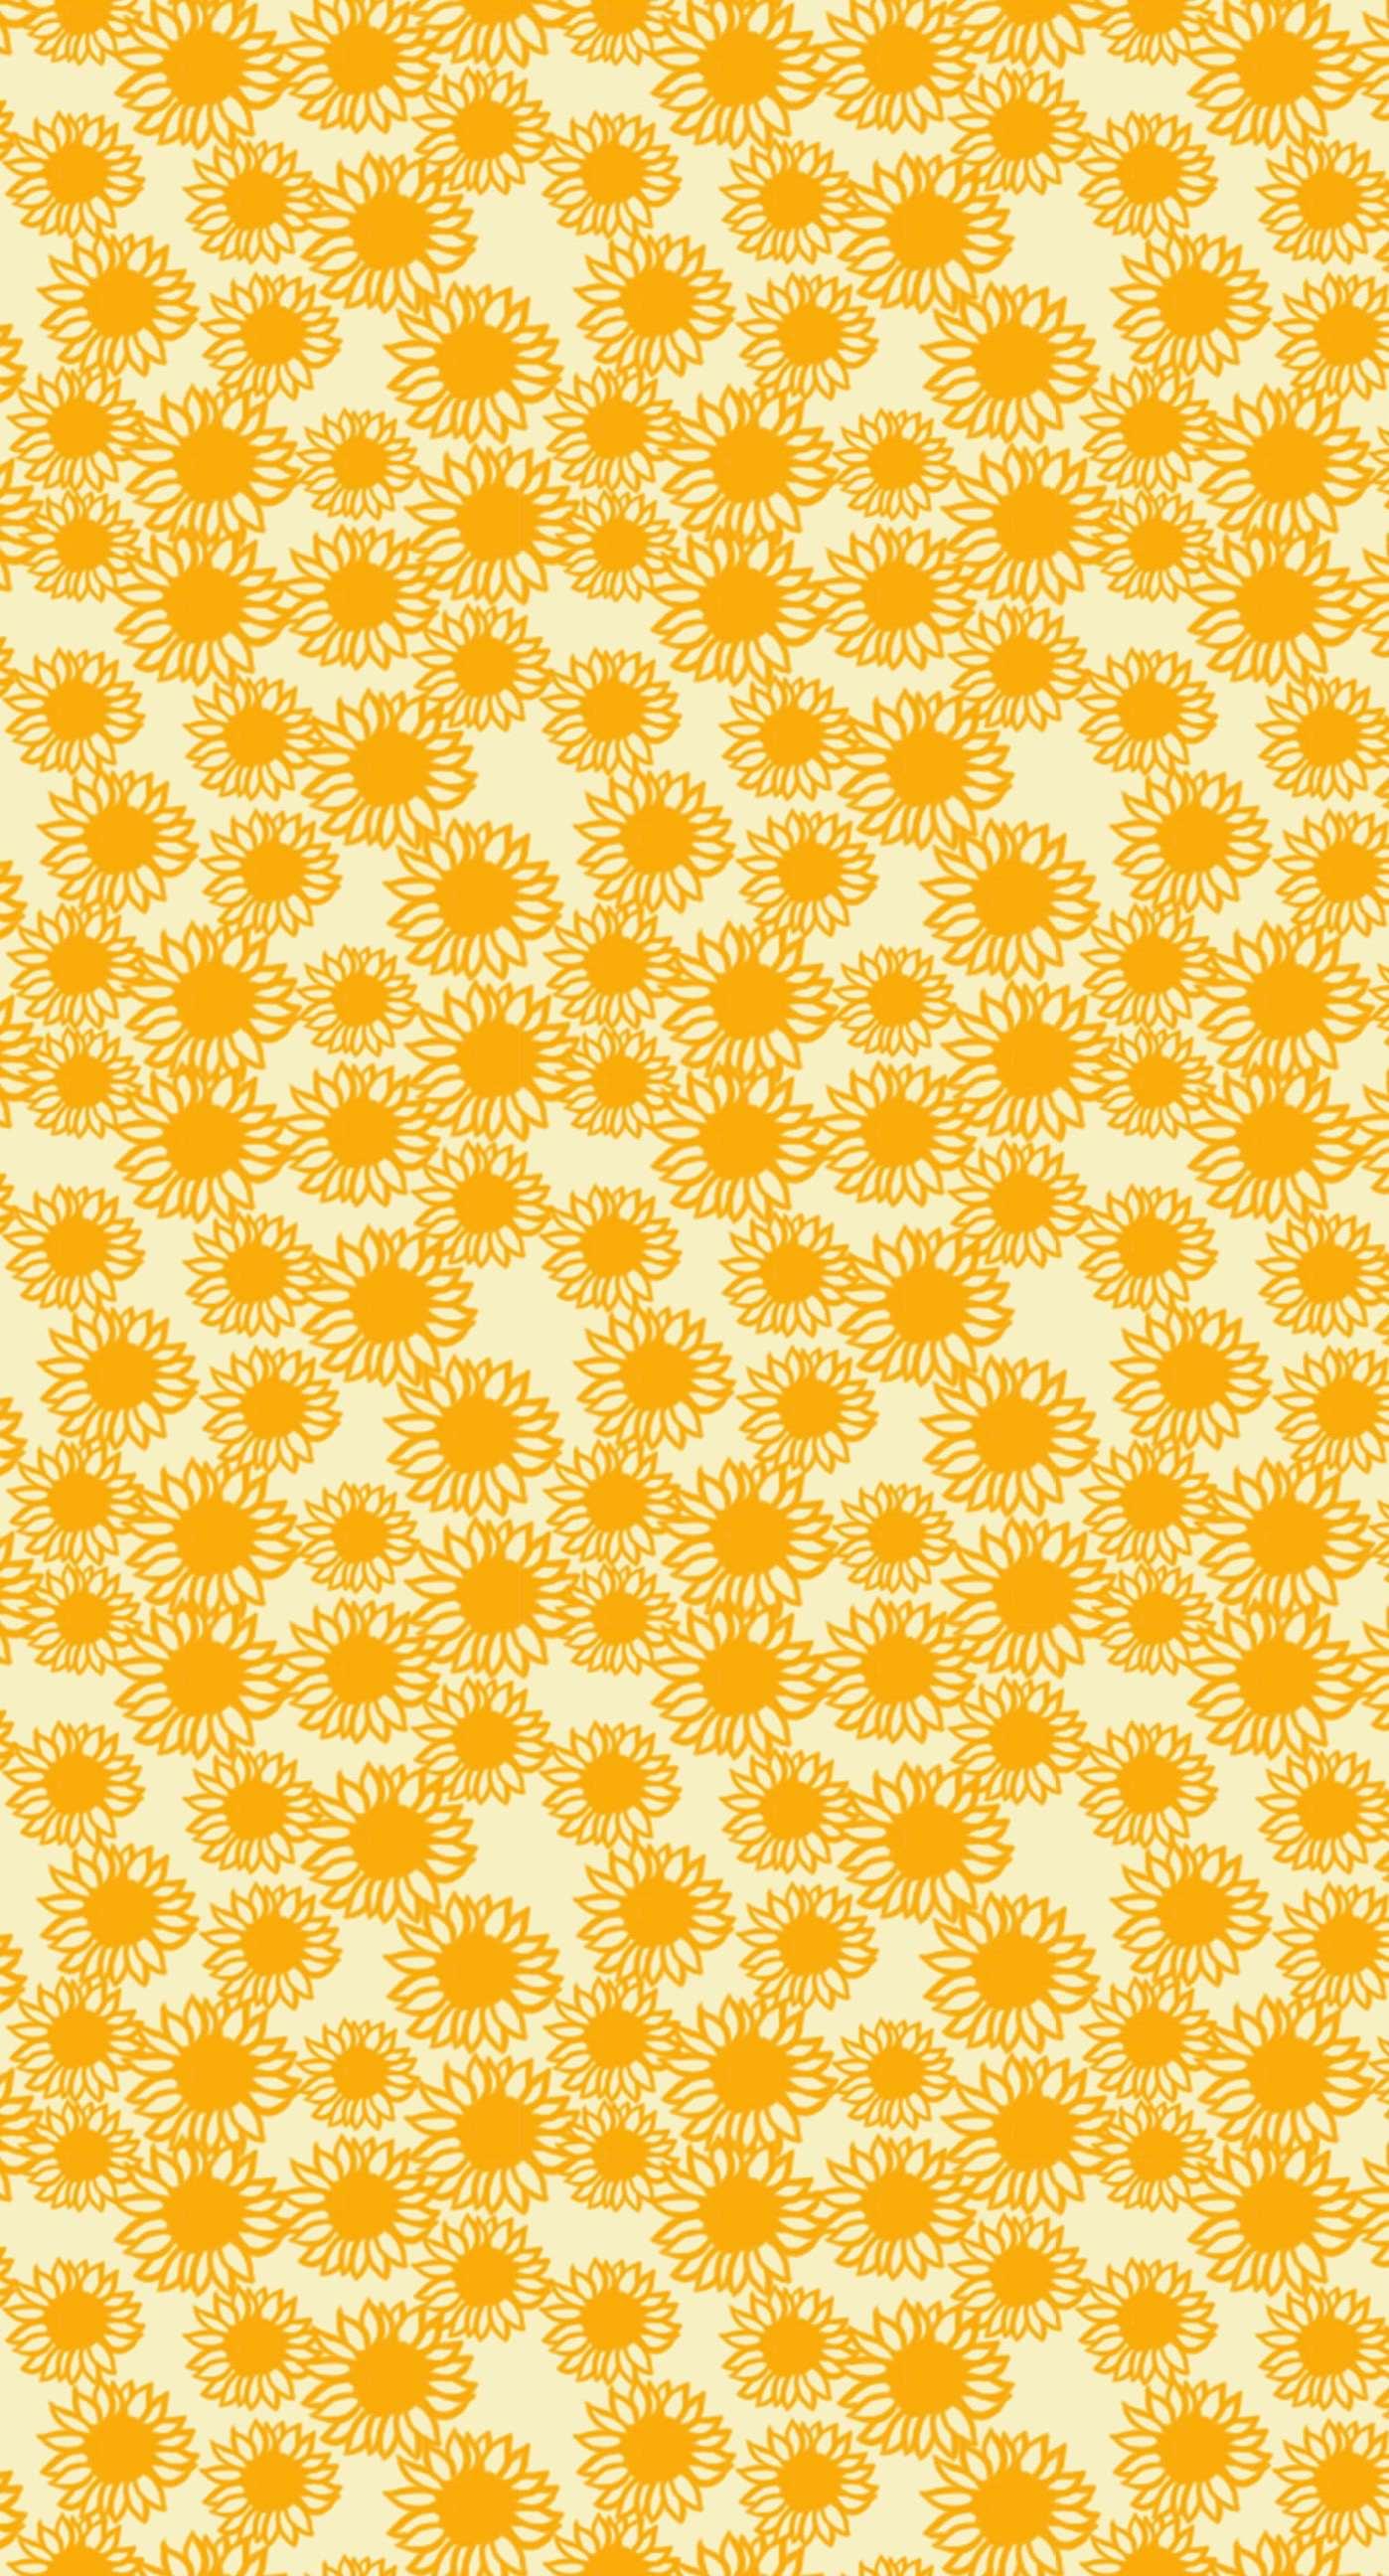 Pattern Sunflower Yellow Women Friendly Wallpaper Sc Iphone6splus